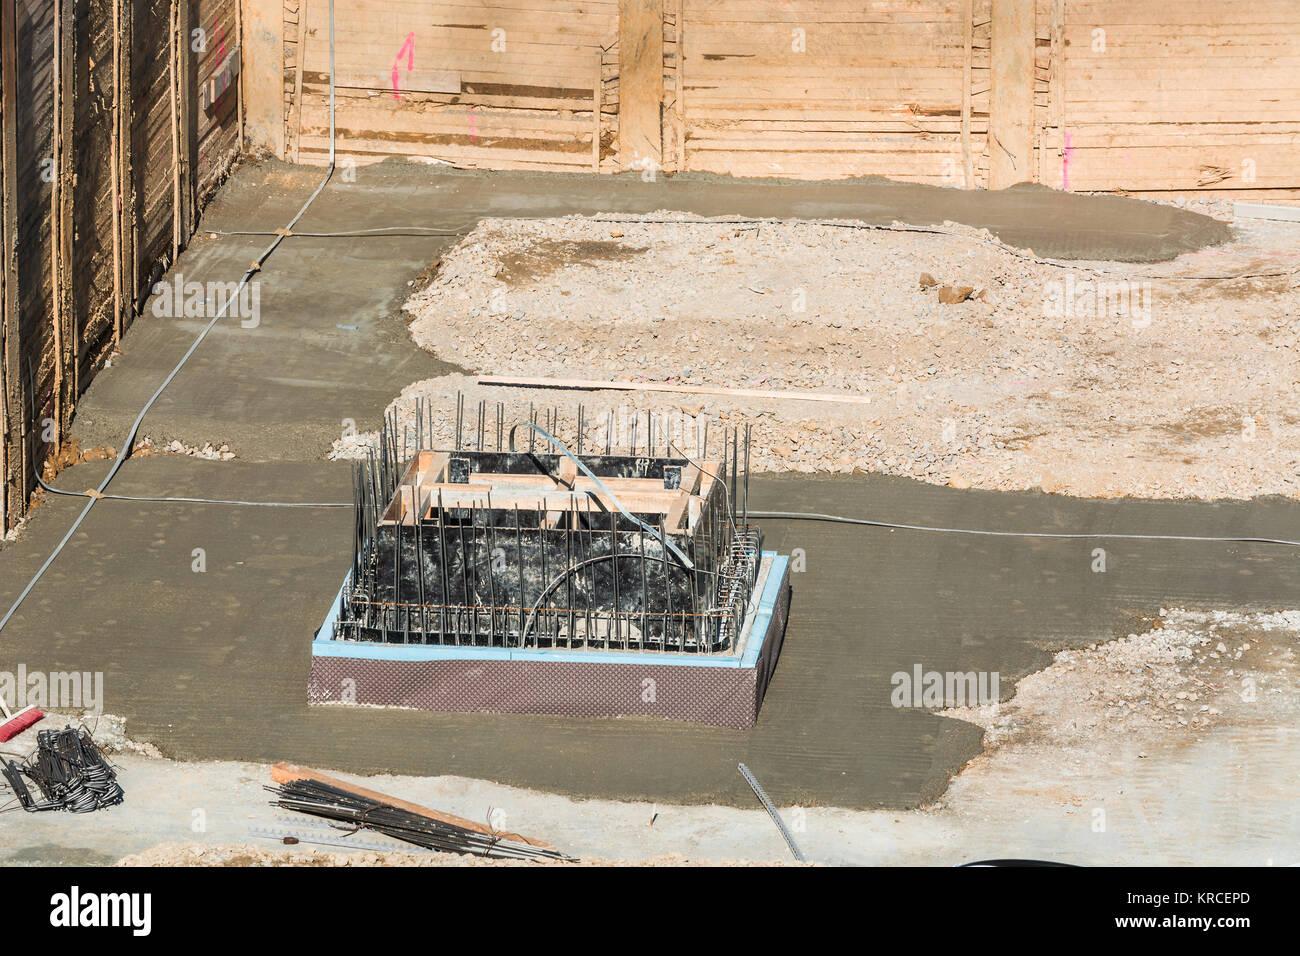 Fundamentbau Aus Stahl Und Beton Für Die Errichtung Eines  Mehrfamilienhauses Mit Tiefgarage. Stockbild